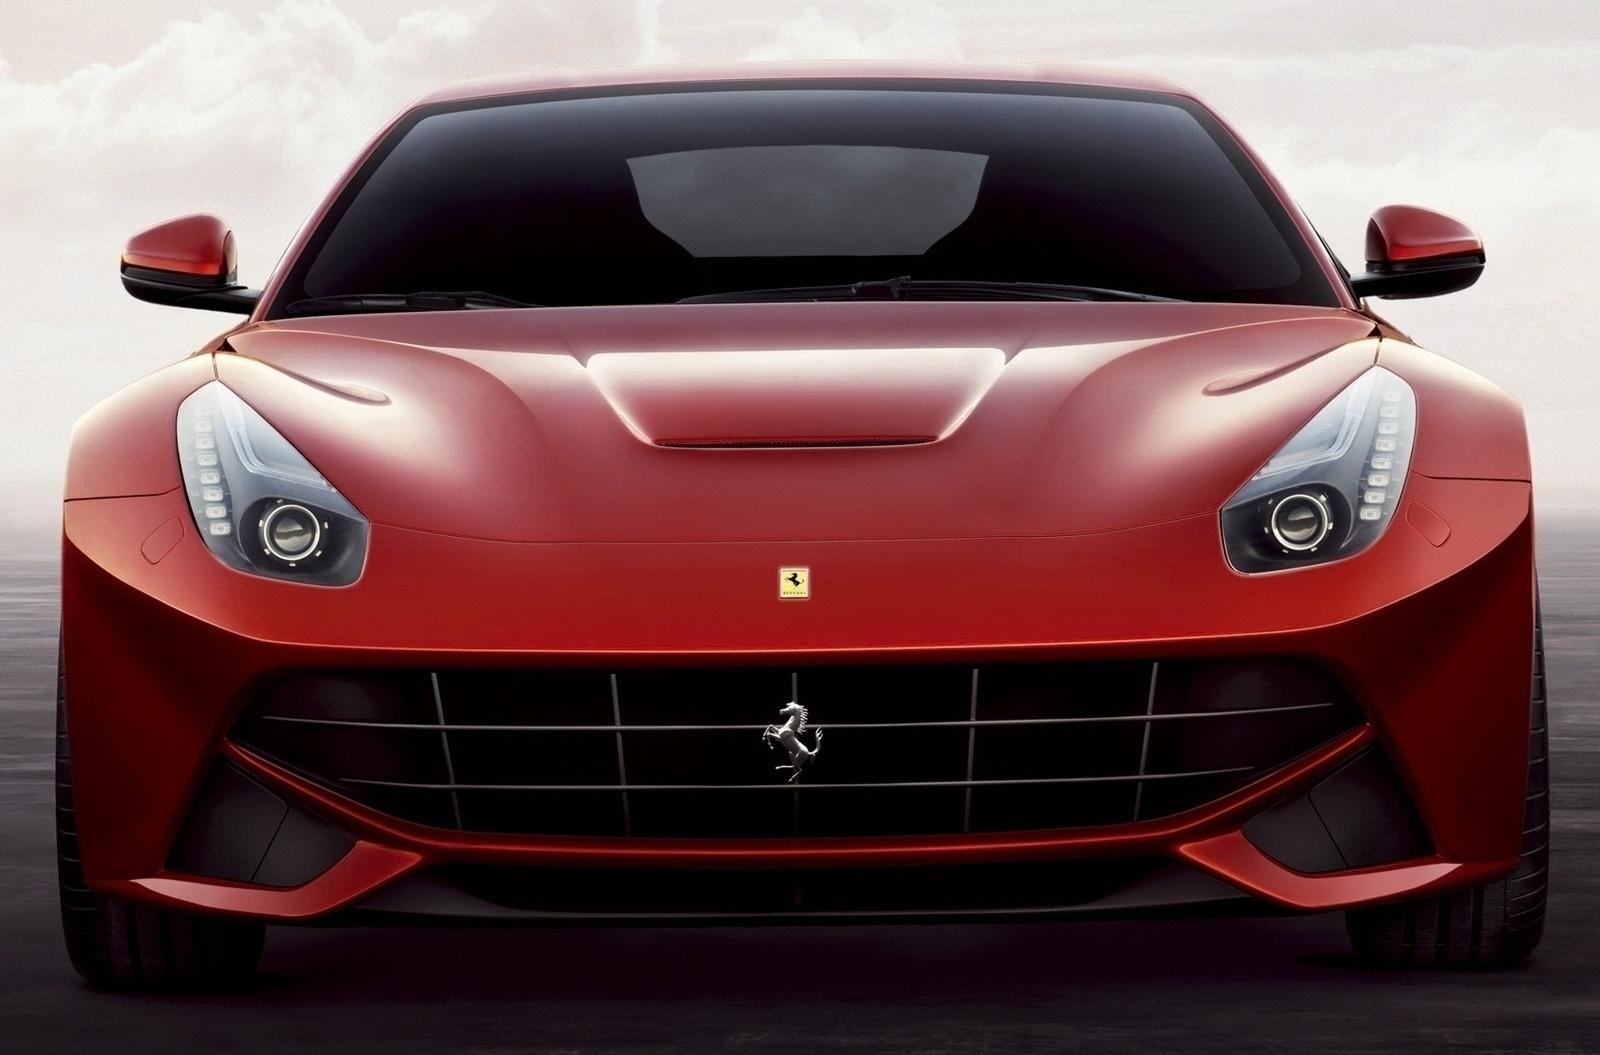 Ferrari F12 Berlinetta vs Lamborghini Aventador, Photo ...